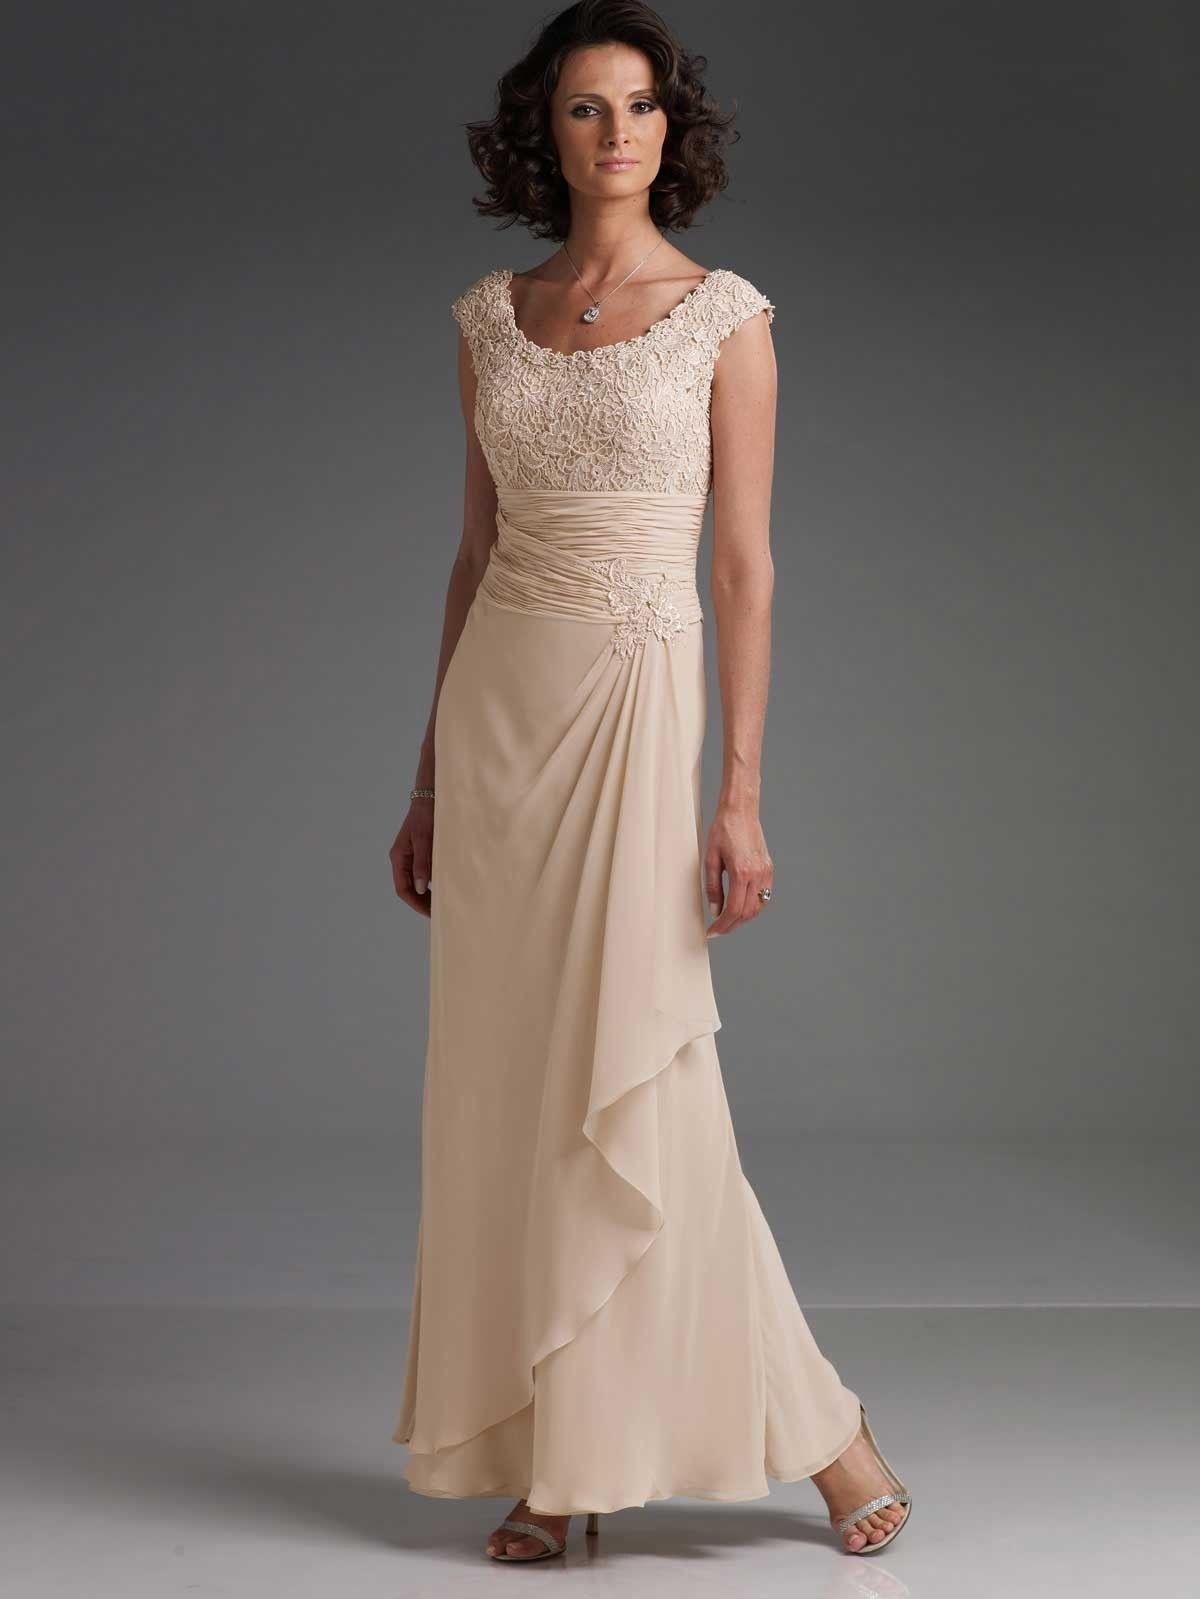 13 Top Tolle Abendkleider Für Hochzeit SpezialgebietDesigner Ausgezeichnet Tolle Abendkleider Für Hochzeit Stylish